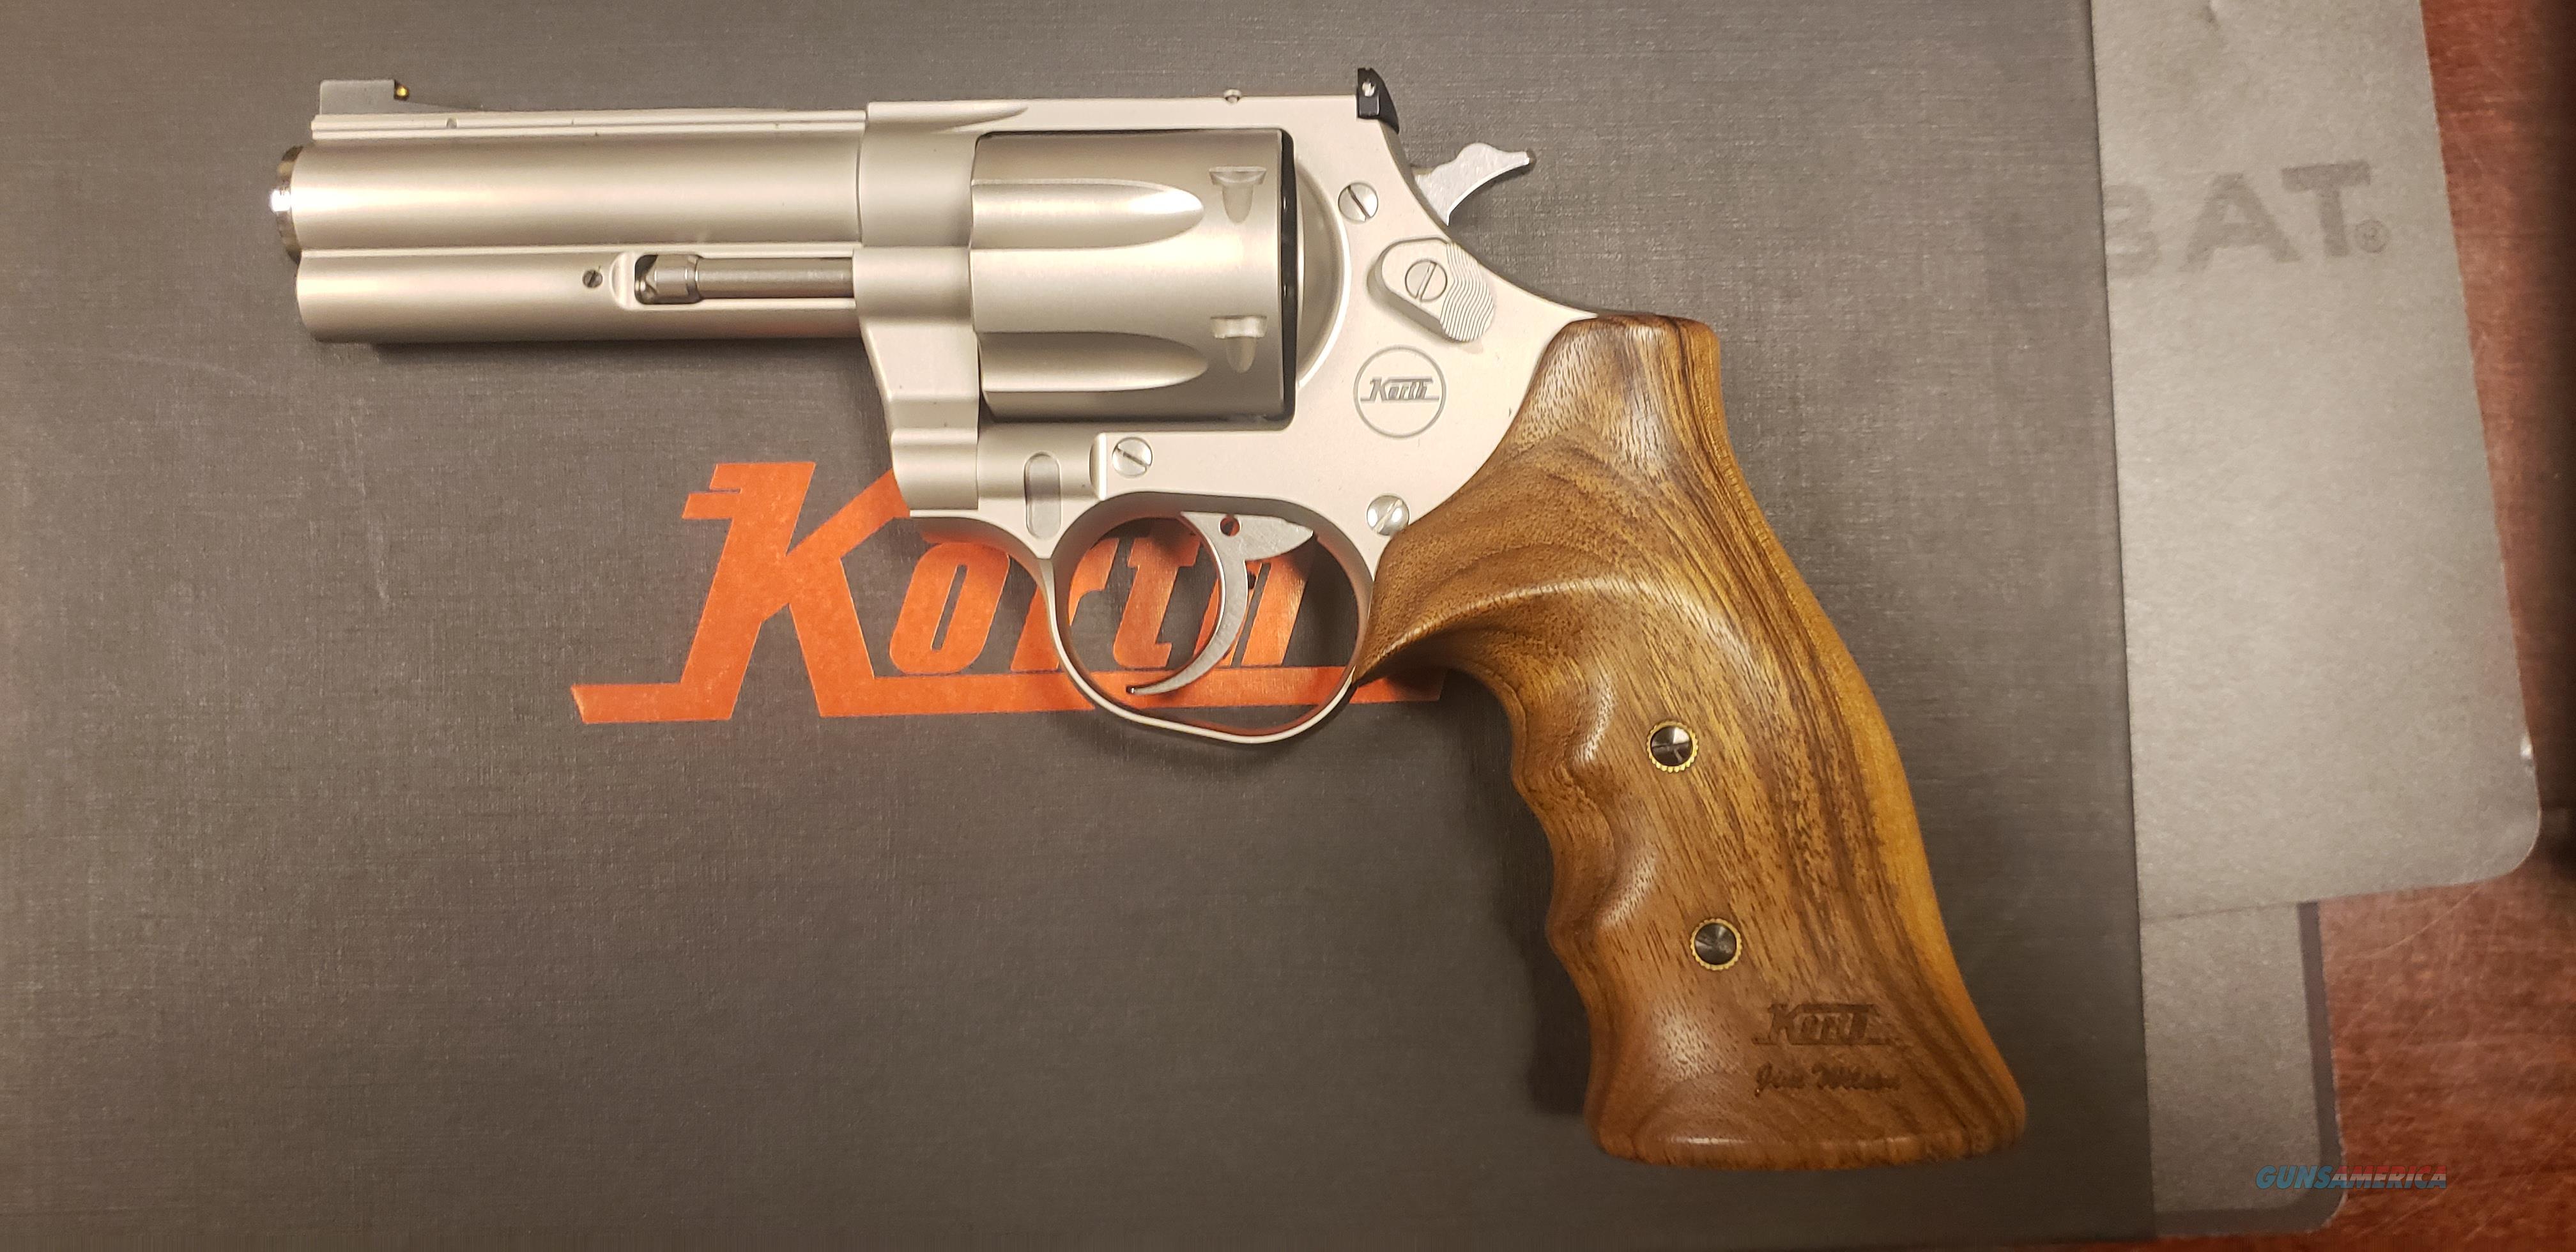 kkjm investments that shoot